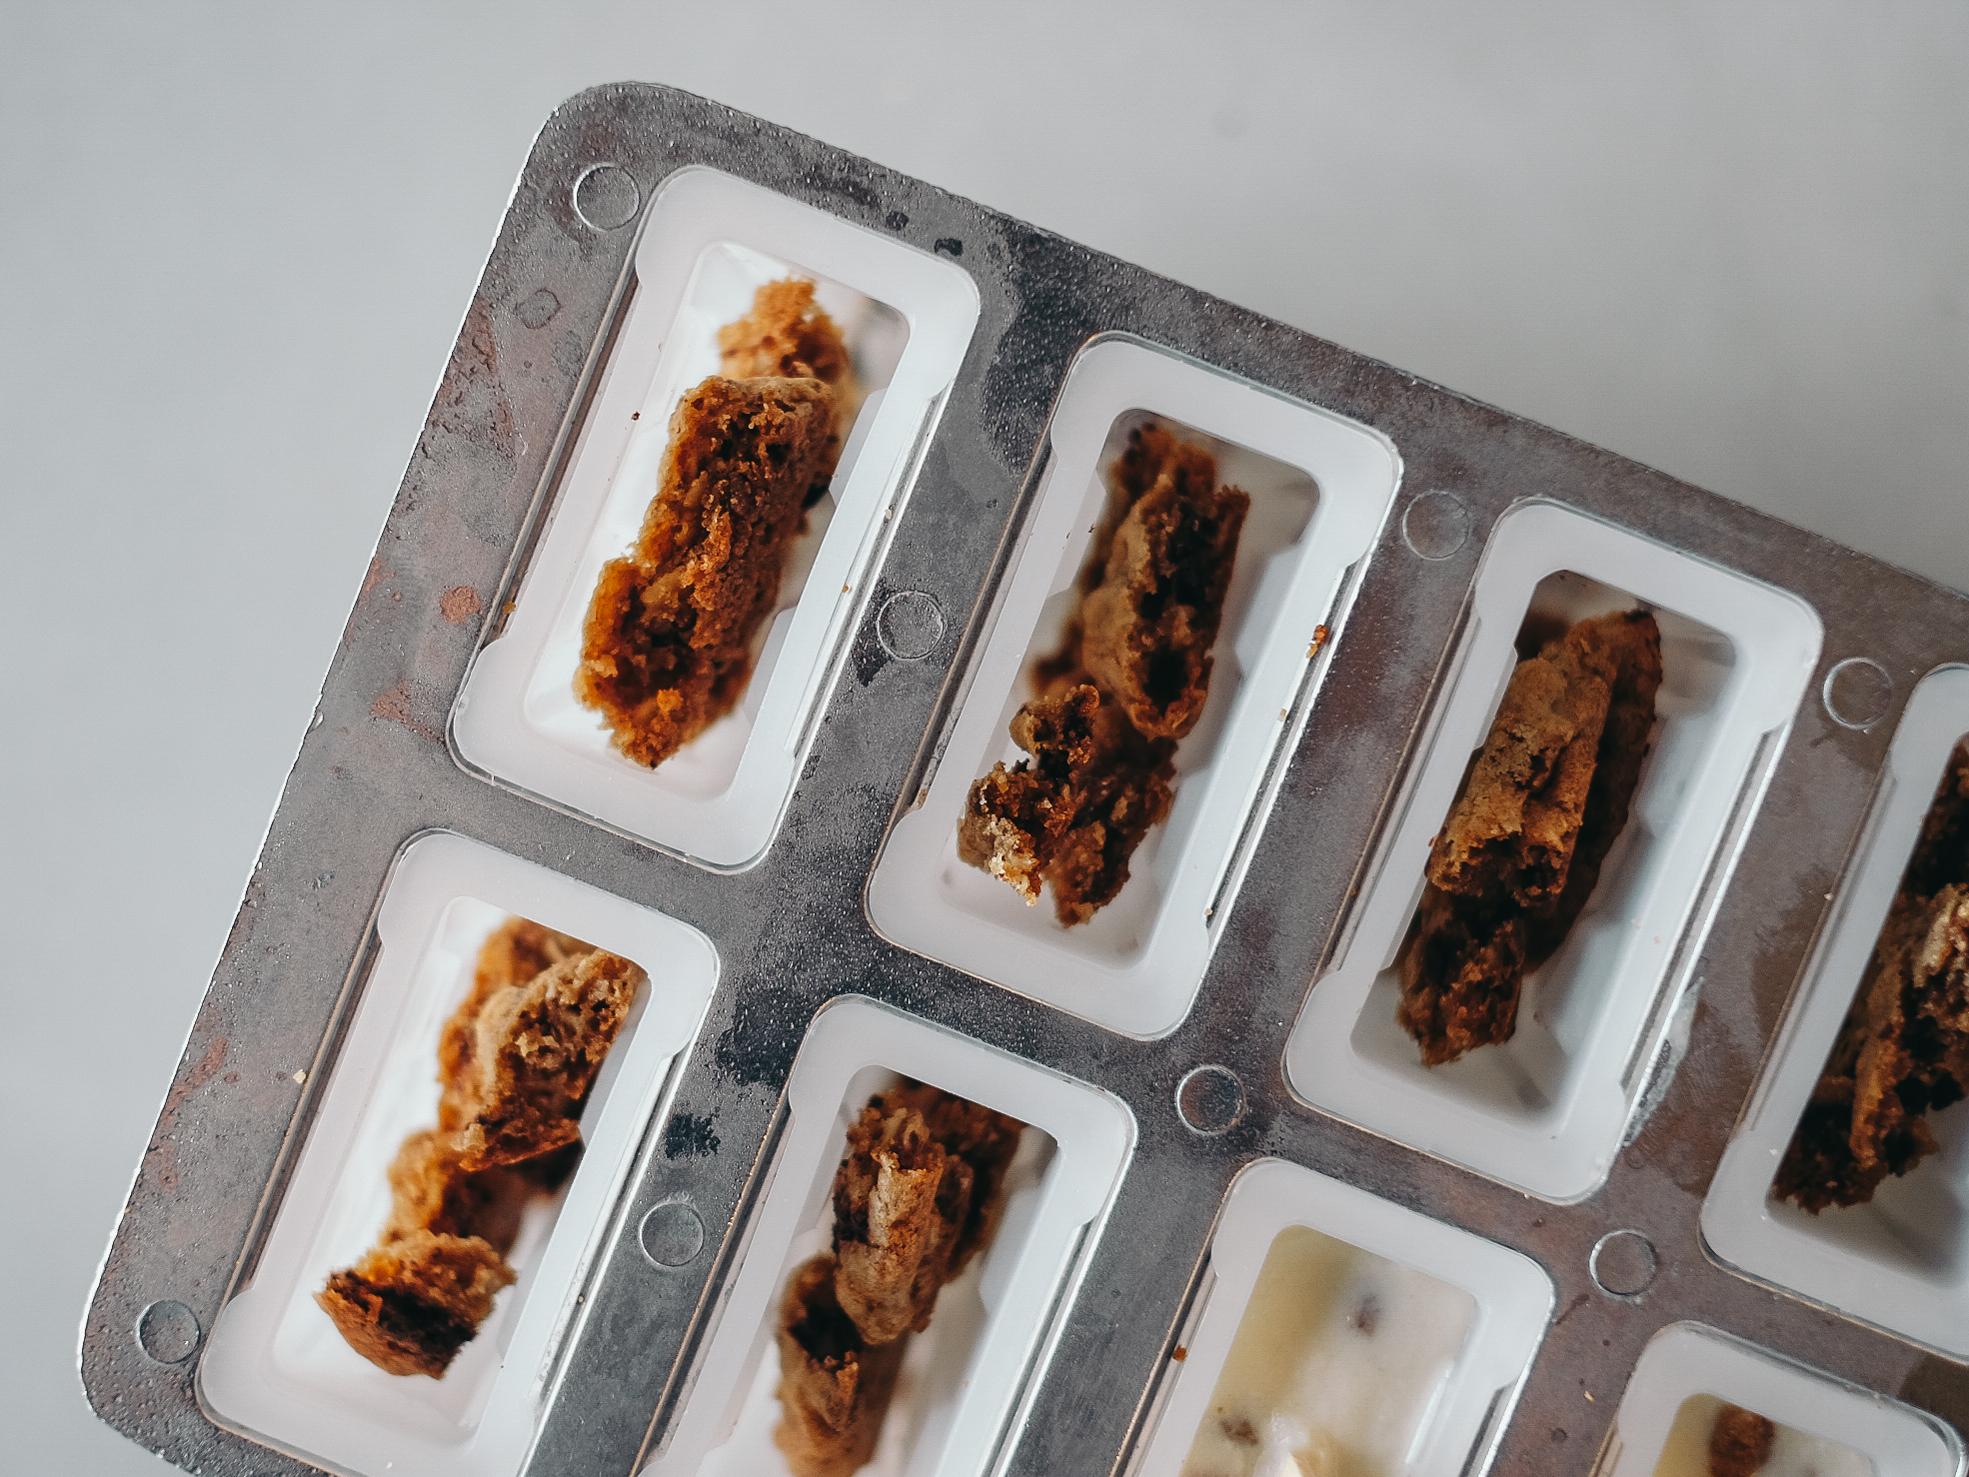 CerealMilk-OatmealCookies-2.jpg